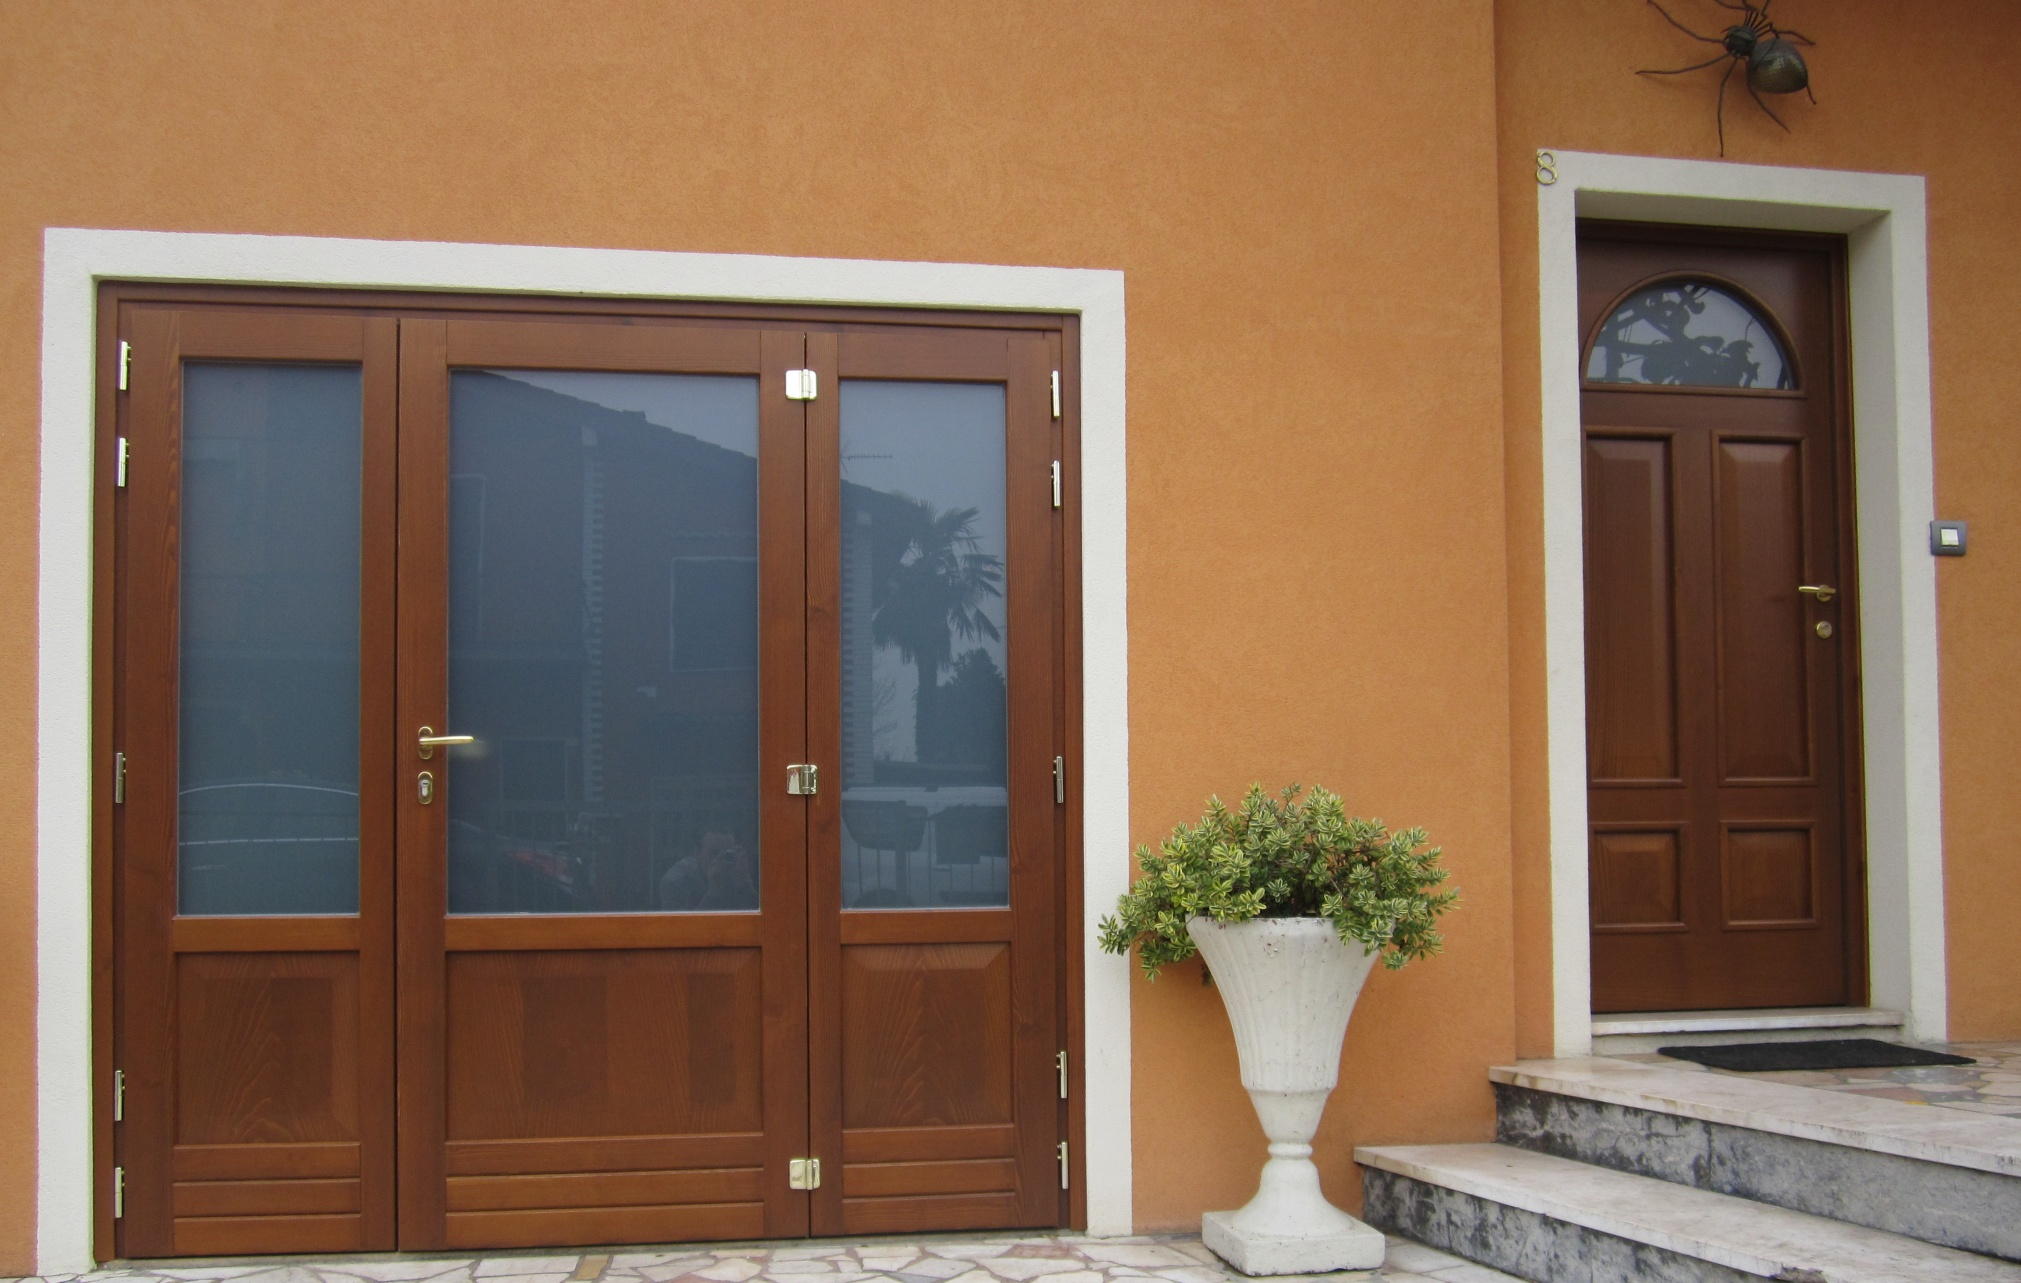 Come confrontare prezzi e preventivi per finestre porte e serramenti ecco alcuni consigli - Finestre in legno prezzi ...